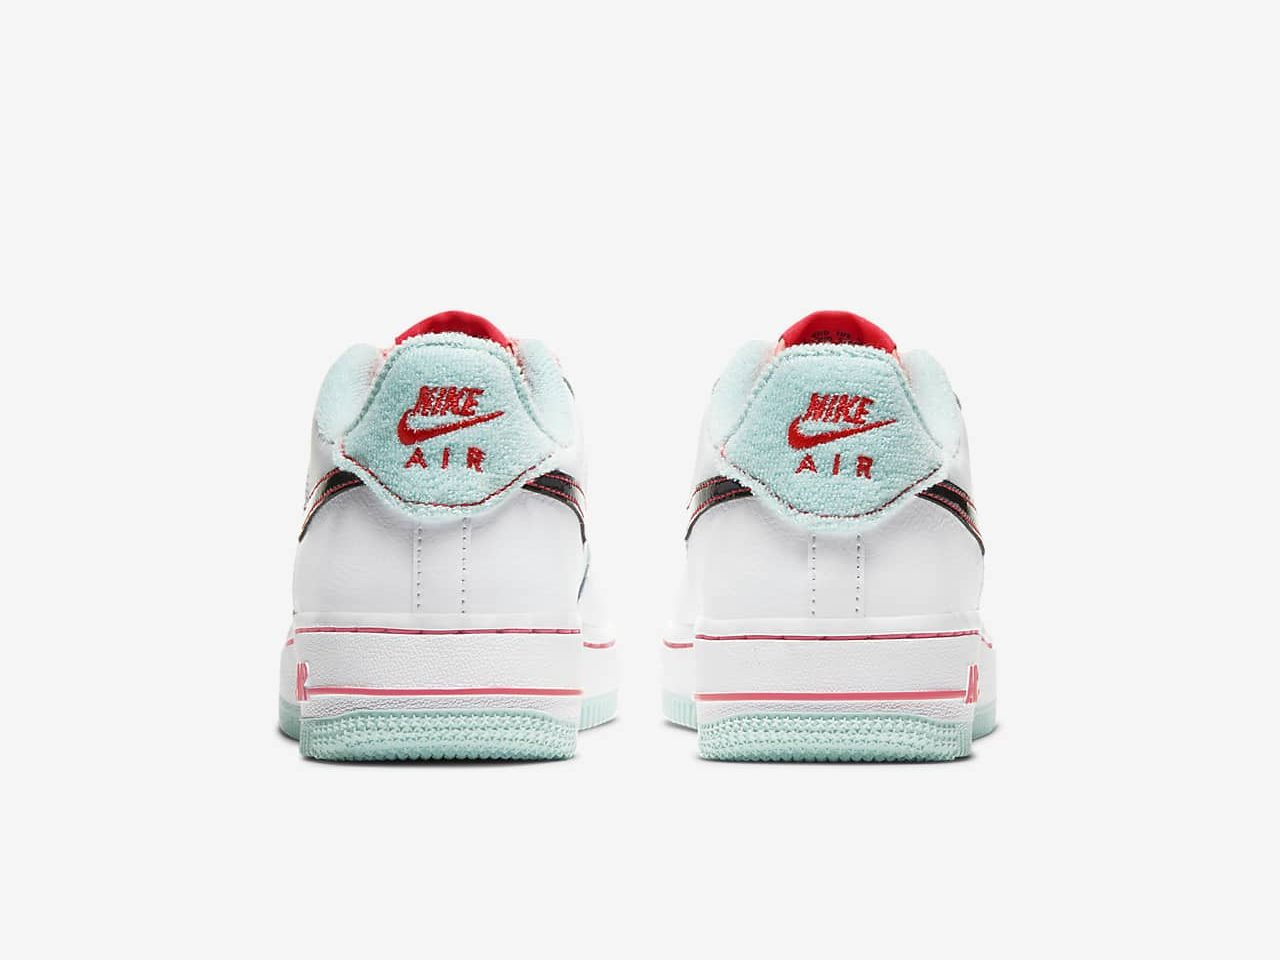 ナイキ エア フォース 1 ホワイト フラッシュ クリムゾン アトミック ピンク Nike Air Force 1 07 LV8 White Flash Crimson Atomic Pink DD7709-100 back